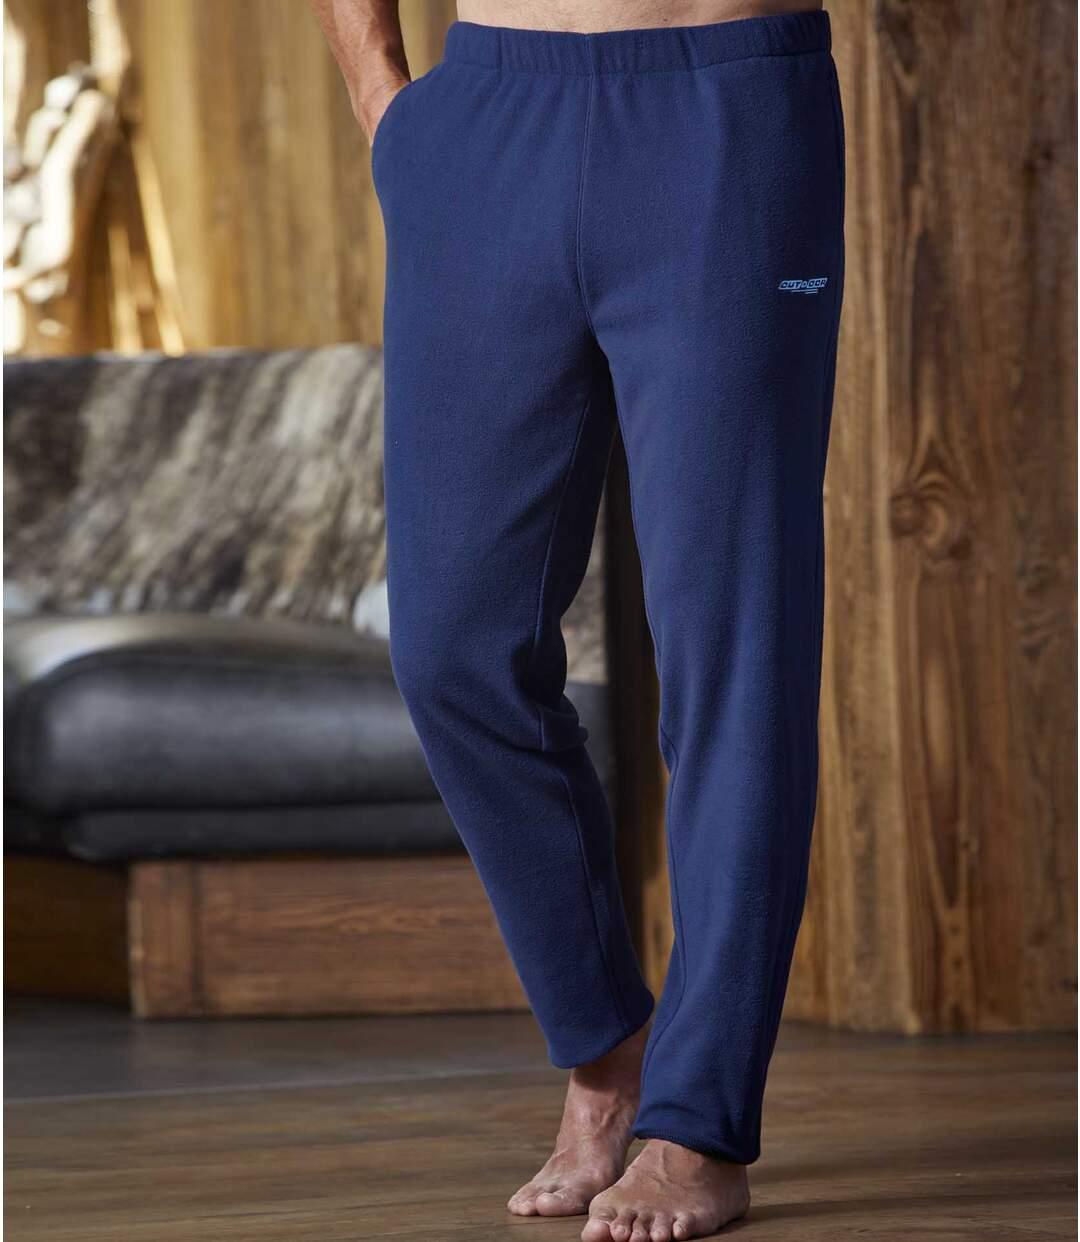 Spodnie z mikropolaru Outdoor